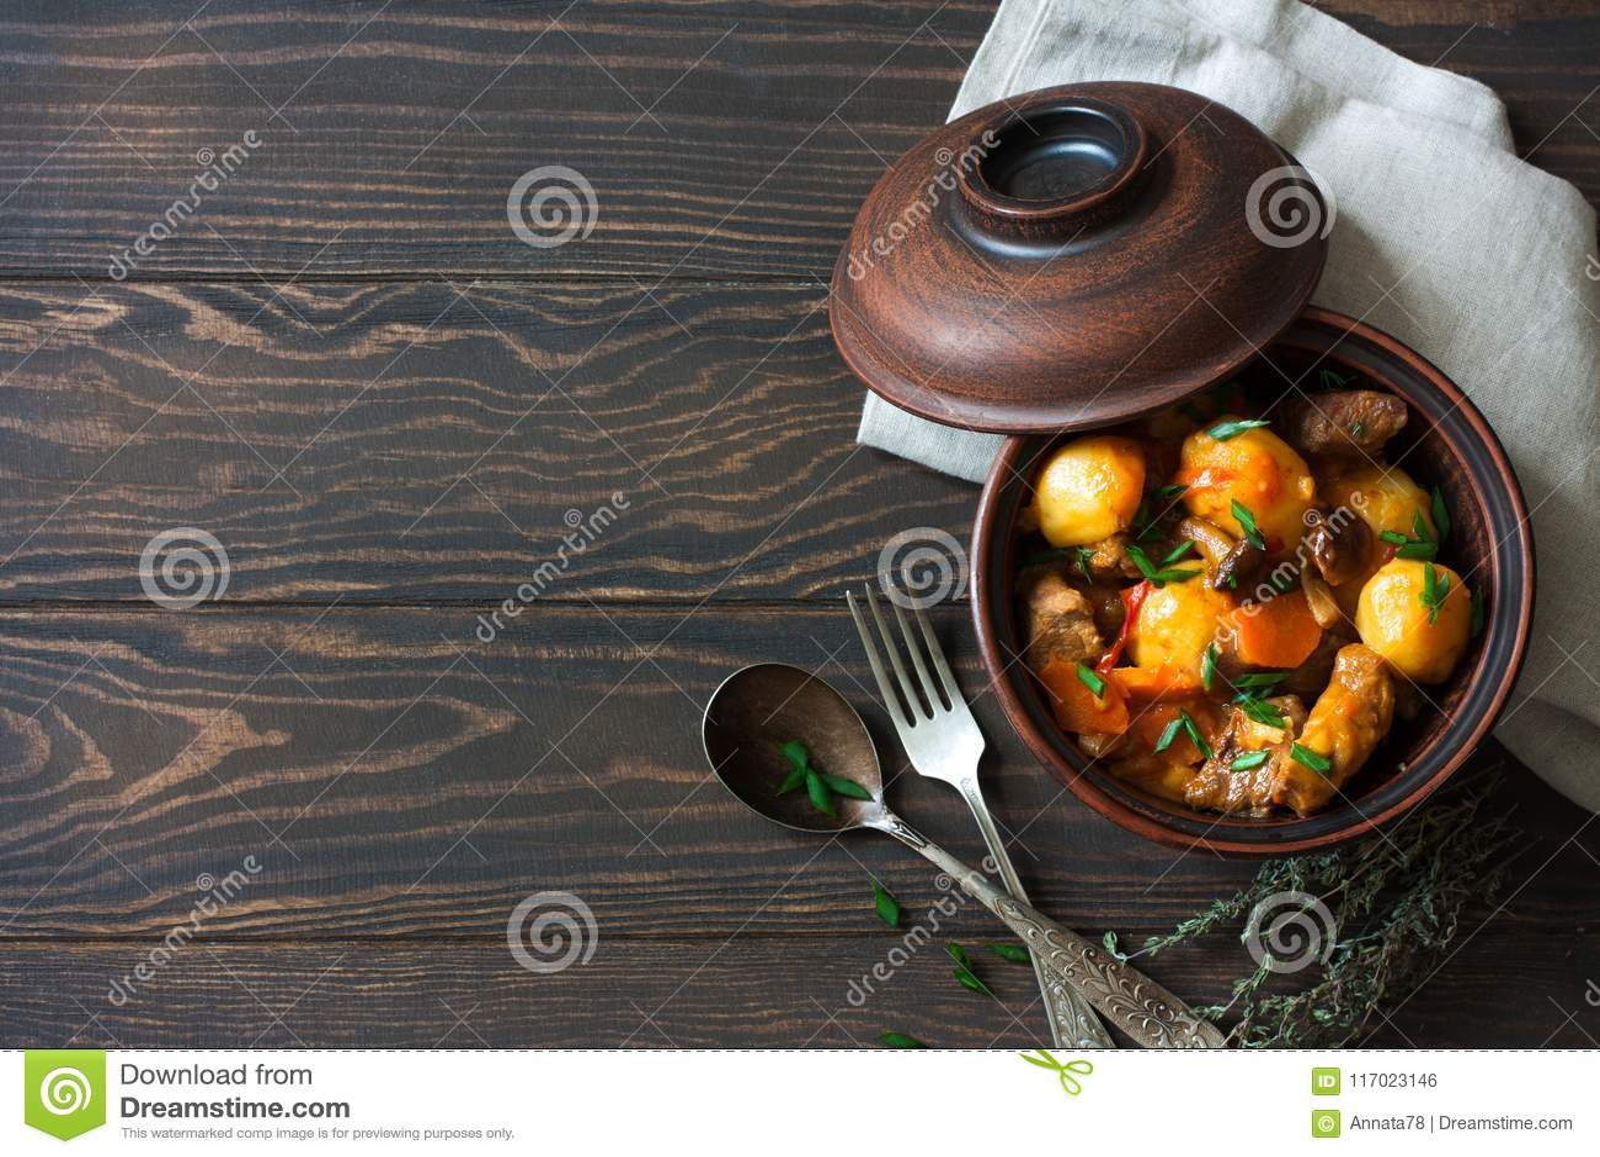 Wołowiny Goulash z grulami, marchewkami i pieczarkami,